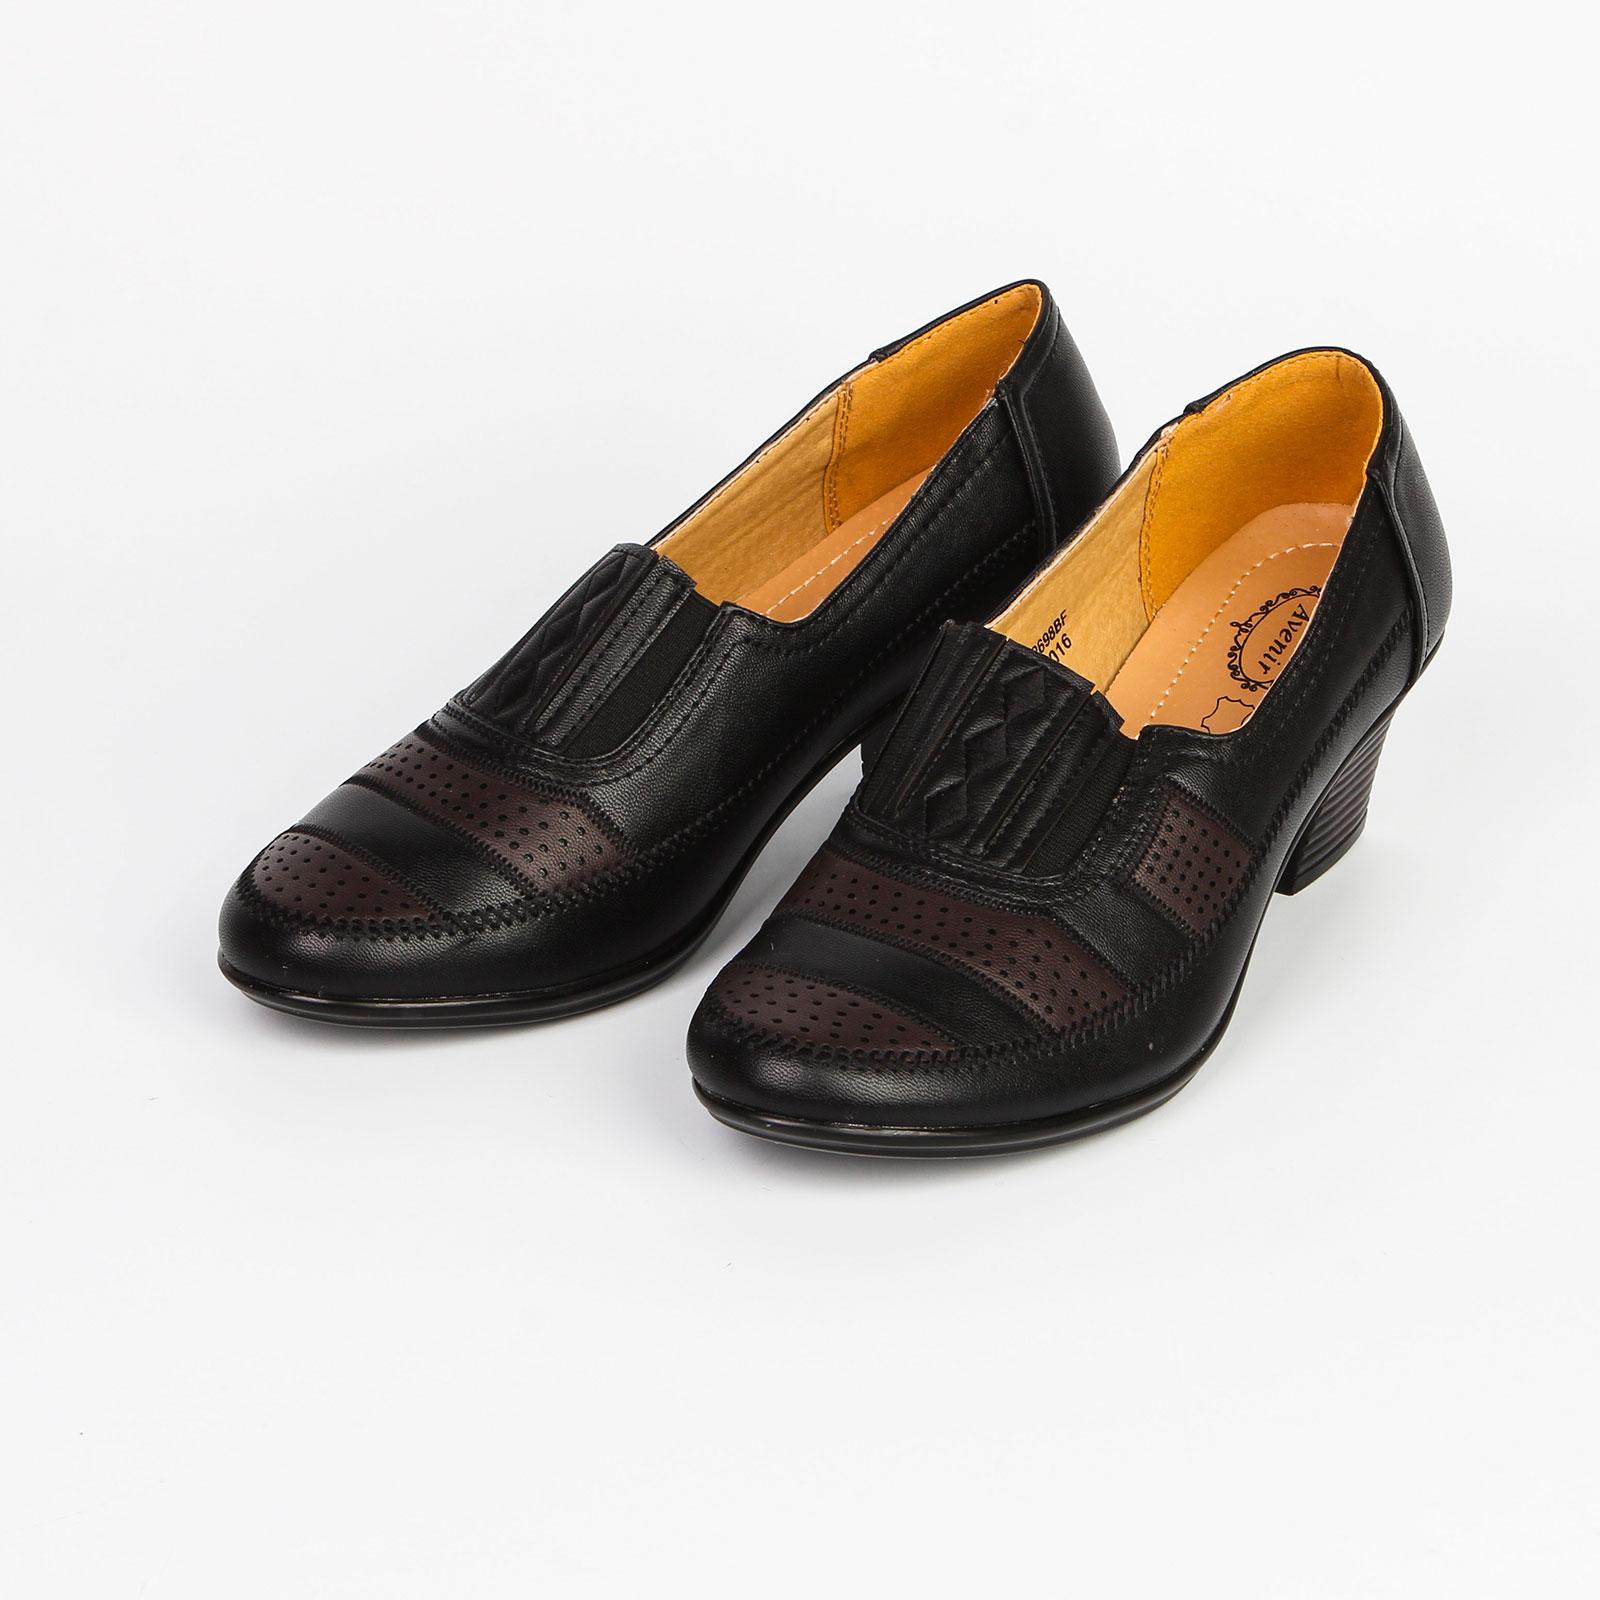 Туфли женские с перфорированными вставками